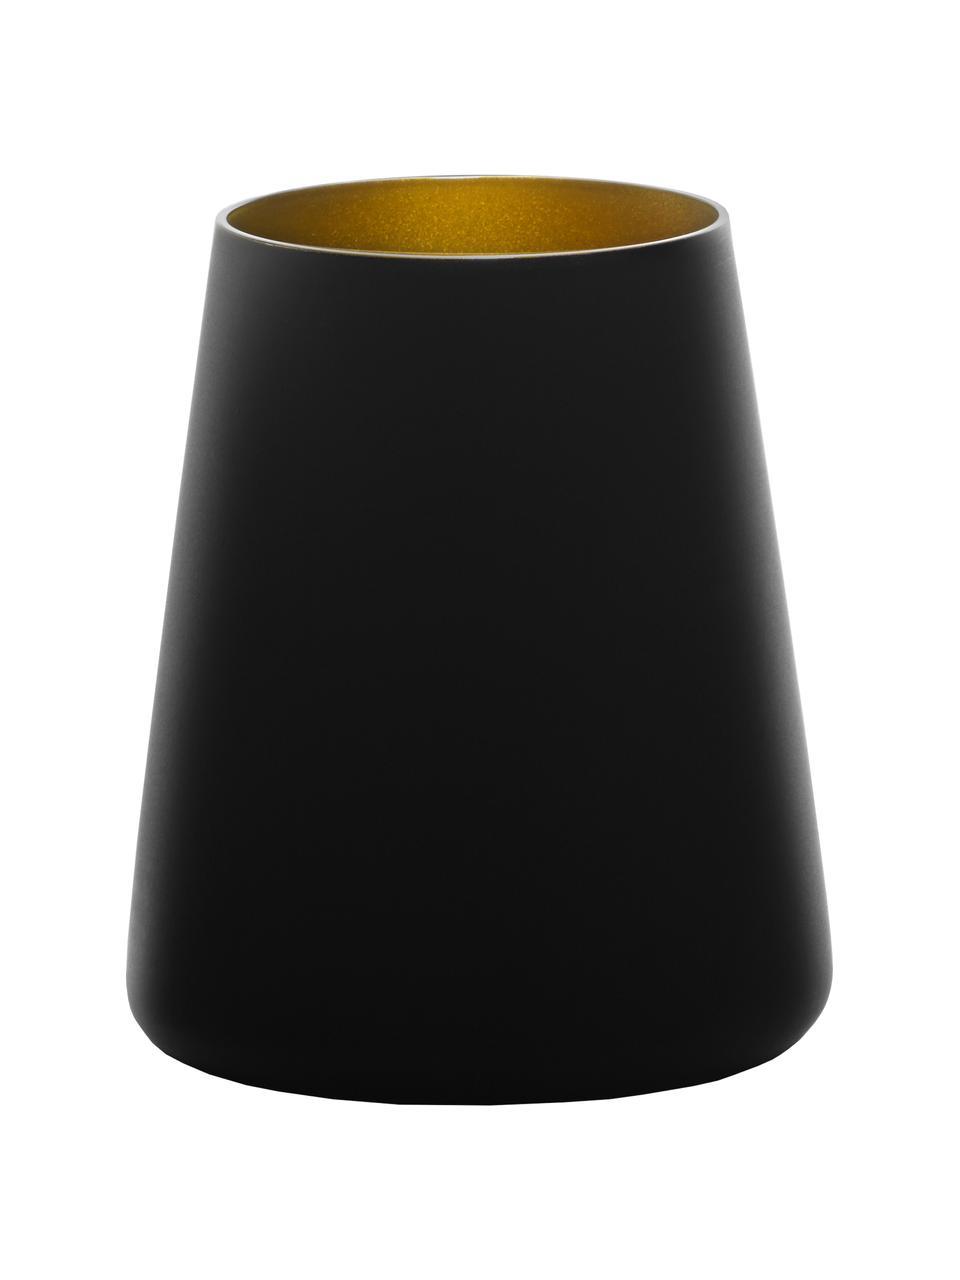 Kegelförmige Kristall-Cocktailgläser Power in Schwarz/Gold, 6 Stück, Kristallglas, beschichtet, Schwarz, Goldfarben, Ø 9 x H 10 cm